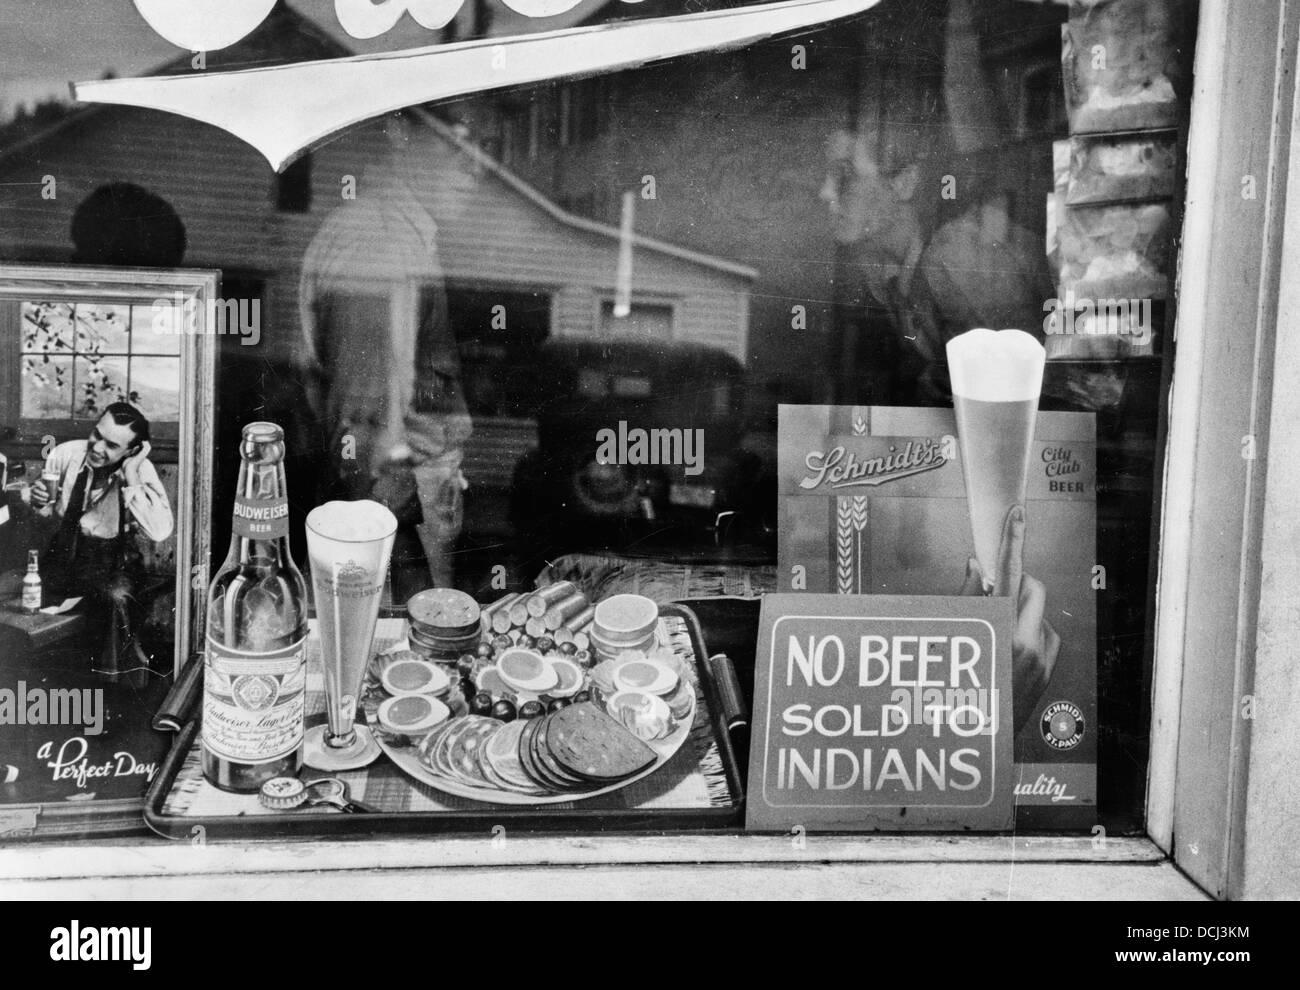 Pas de bière vendus aux Indiens - Ouvrir une fenêtre de taverne, Sisseton, Dakota du Sud, vers 1939 Photo Stock